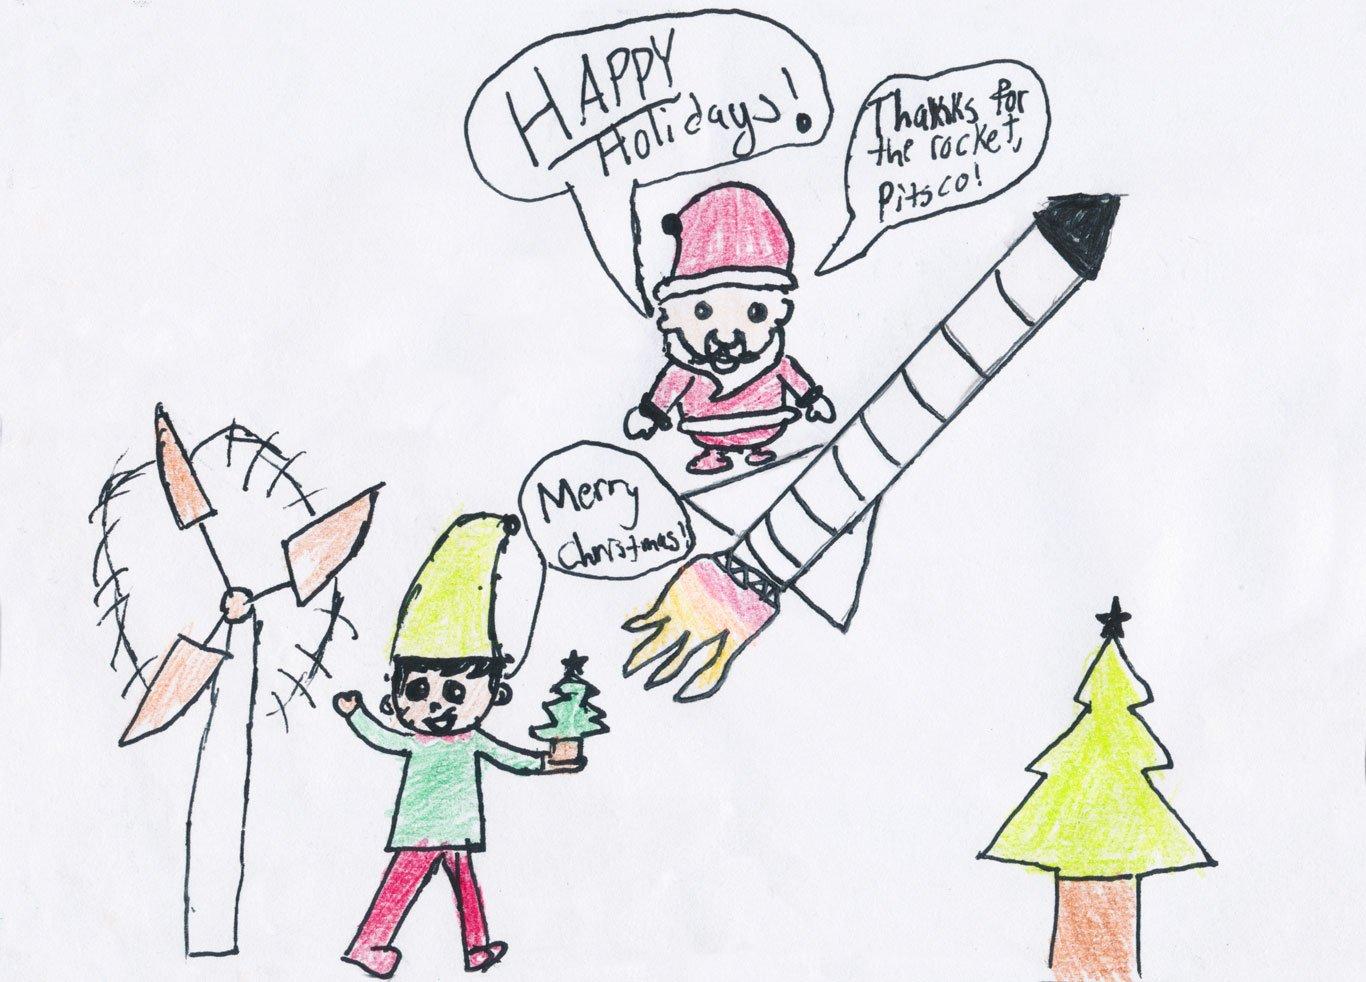 Christmas-Card-Saraswat-Kohli-TCMS-1366-1217